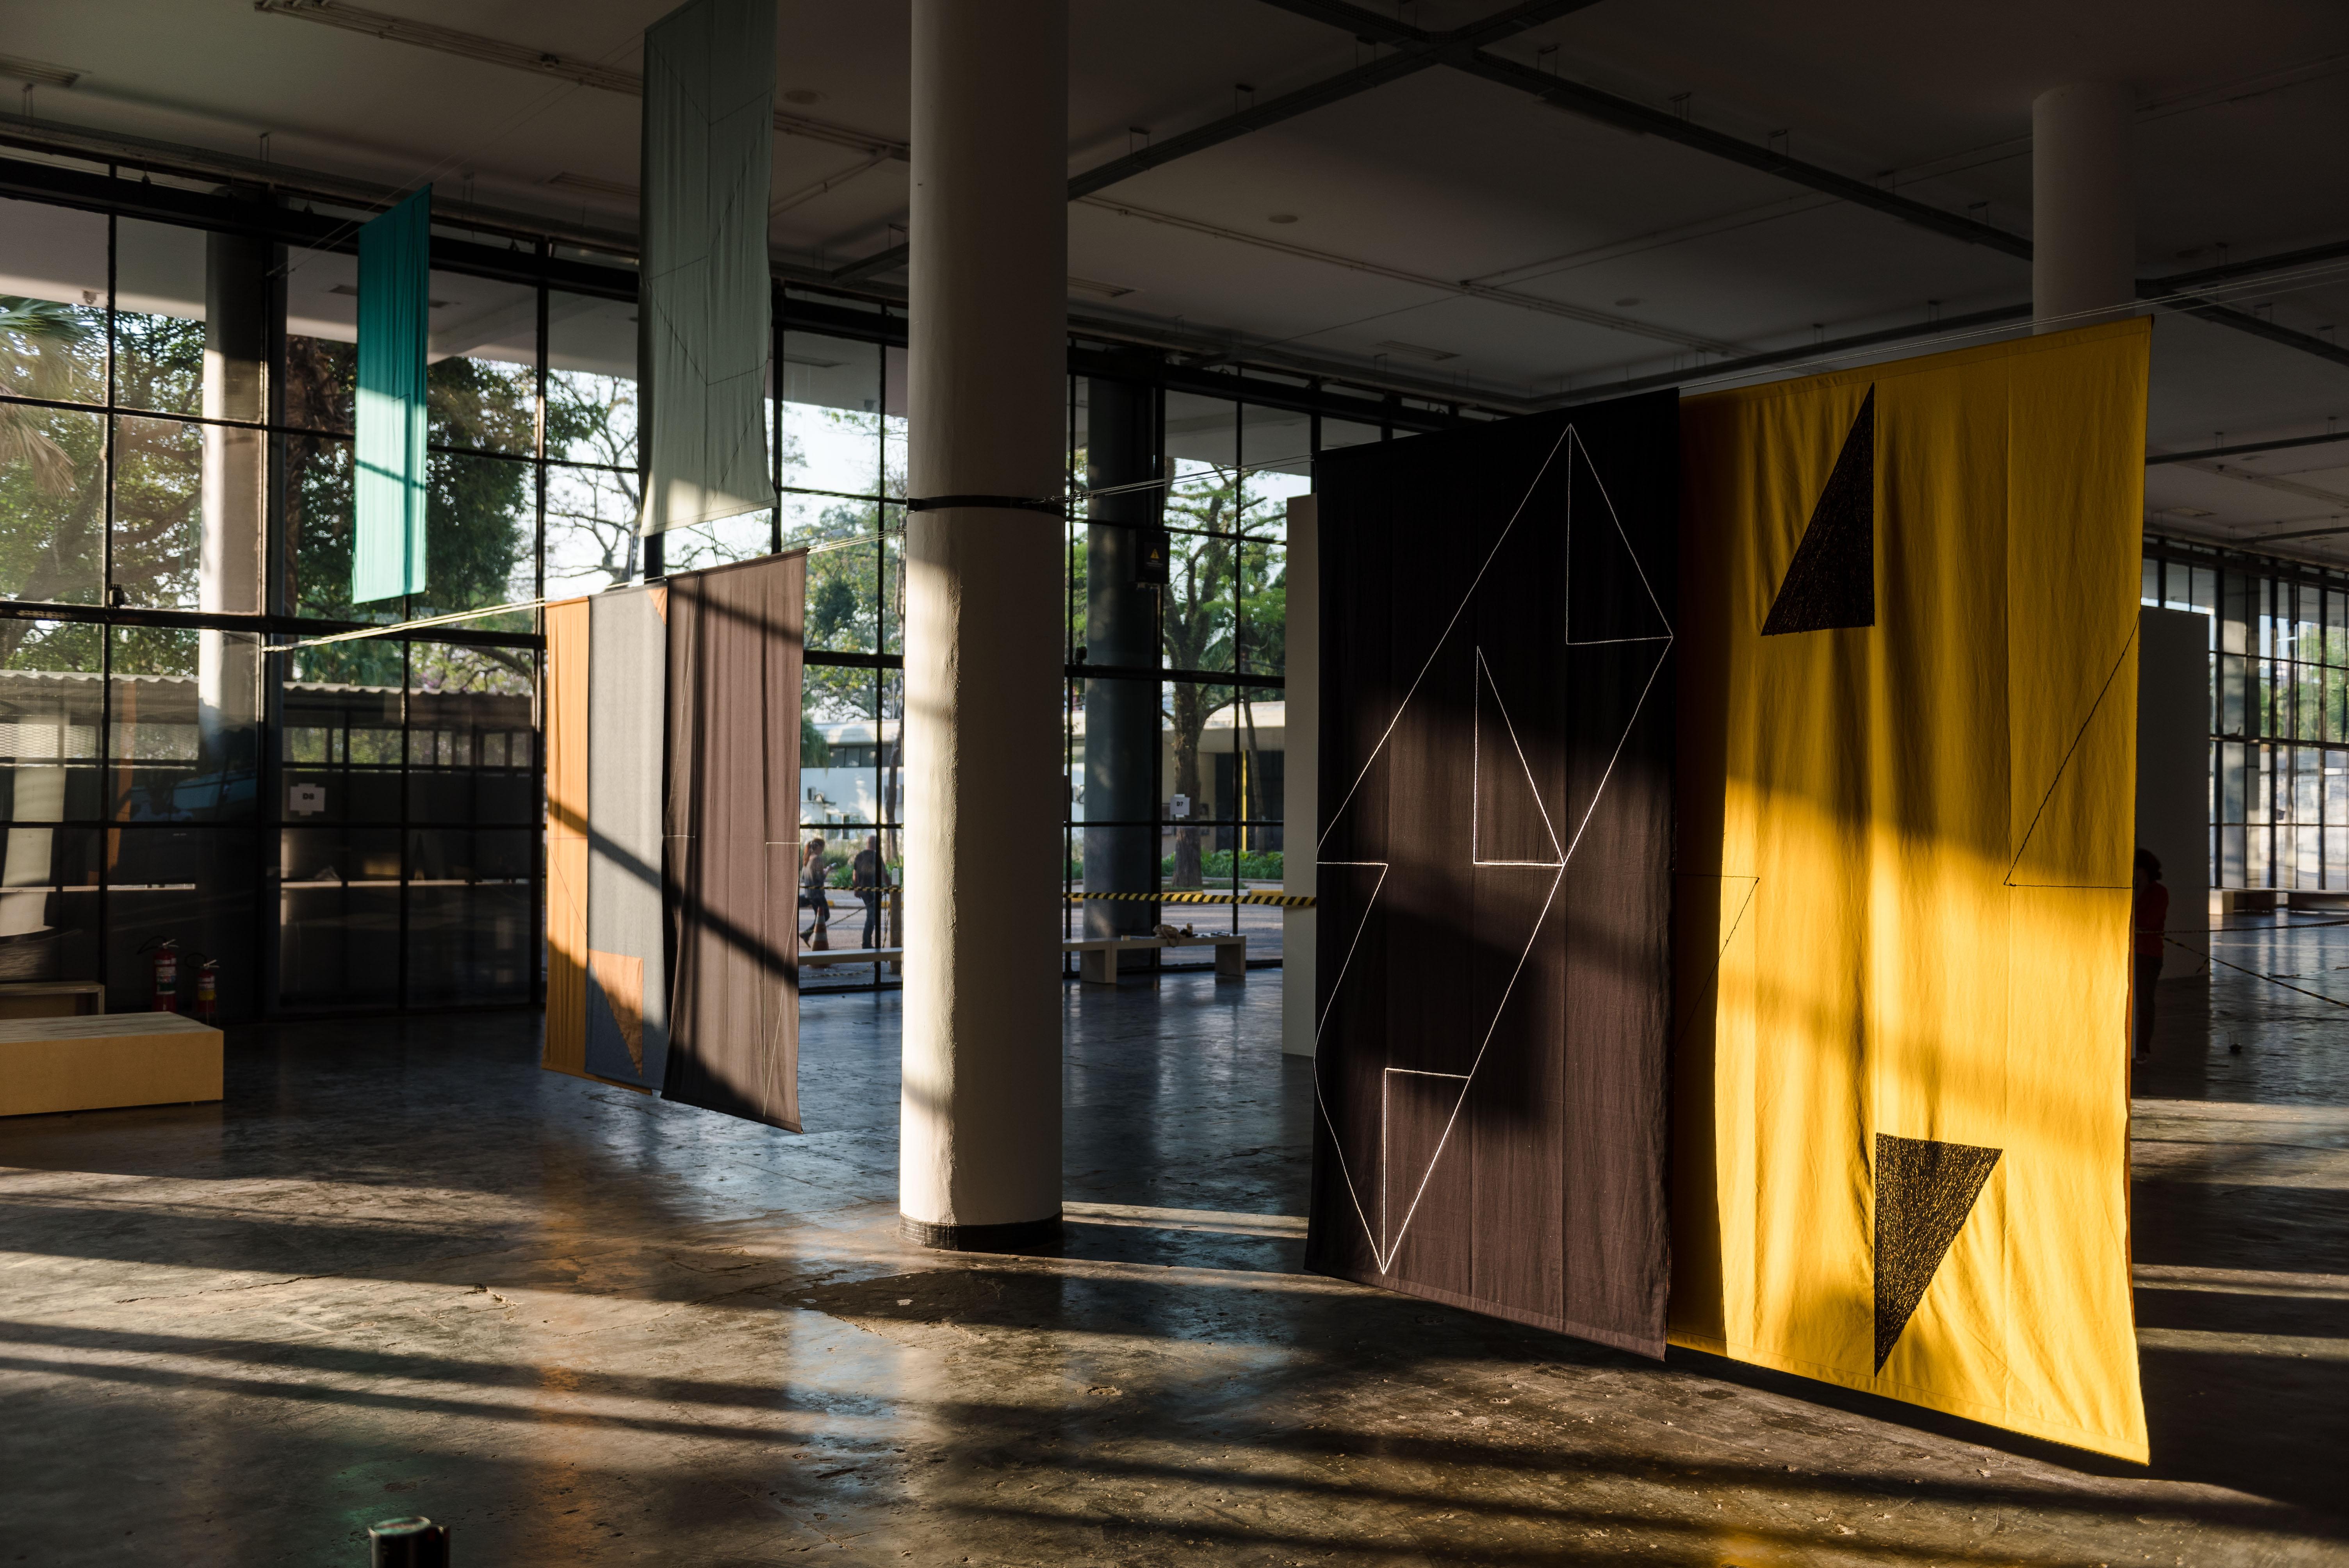 Obra de Felipe Mujica durante a montagem da 32a Bienal de São Paulo 26/08/2016. © Leo Eloy / Estúdio Garagem/ Fundação Bienal de São Paulo.